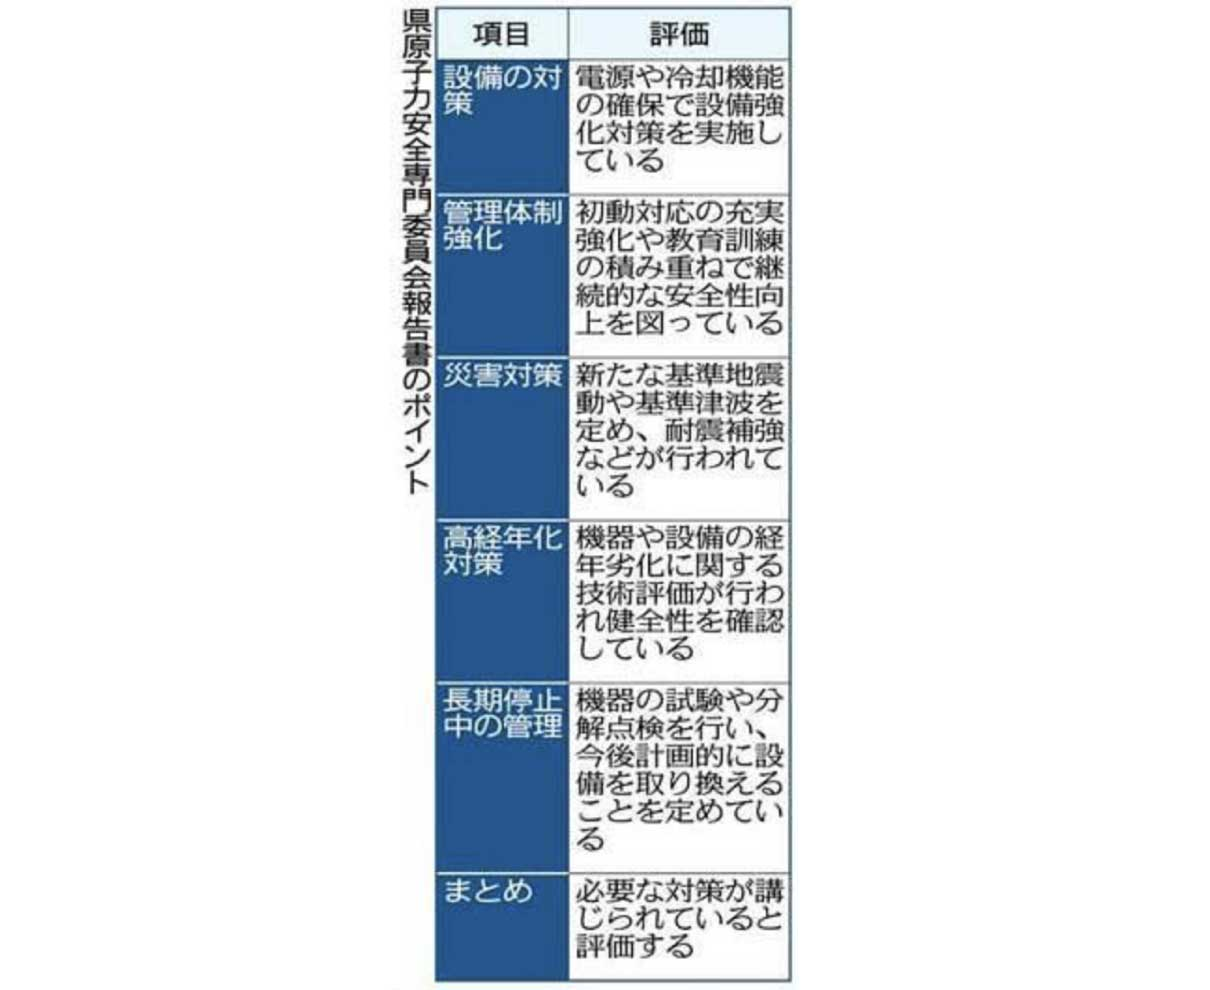 40年超原発 「必要な対策講じた」 県安全専門委 知事に報告書